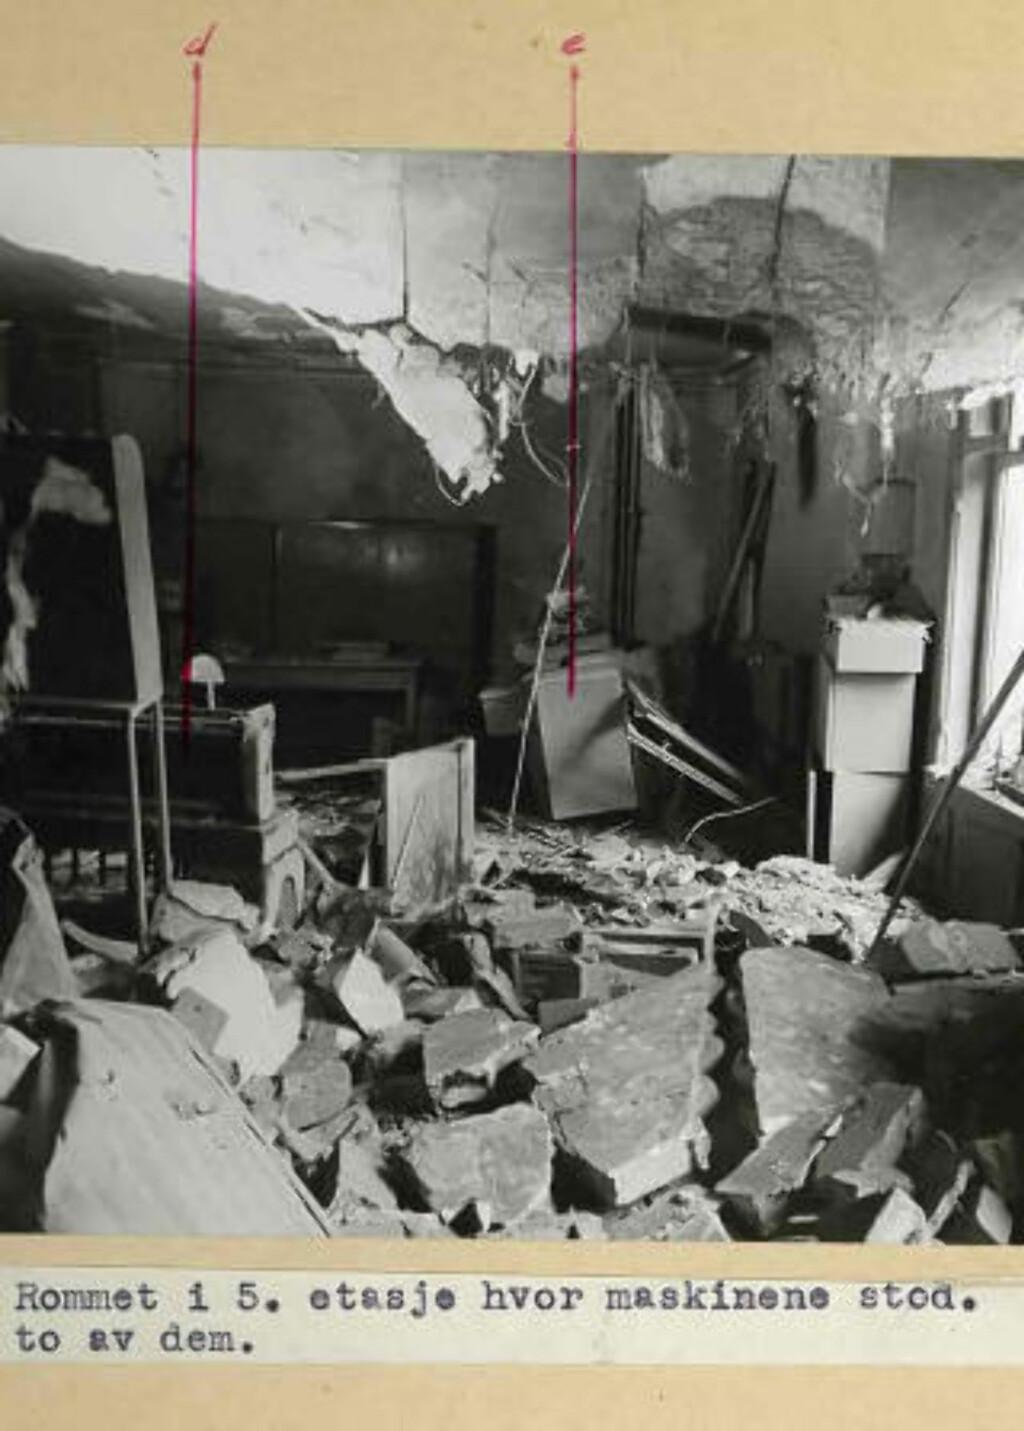 EKSPLOSJONEN I GRENSEN 17: 8. juni 1944 sprengte motstandsbevegelsen et NS-kontor i Oslo sentrum. Meningen var å ødelegge registreringsmaskinene som skulle benyttes til å holde styr på norske ungdommer som skulle innkalles til krigstjeneste.